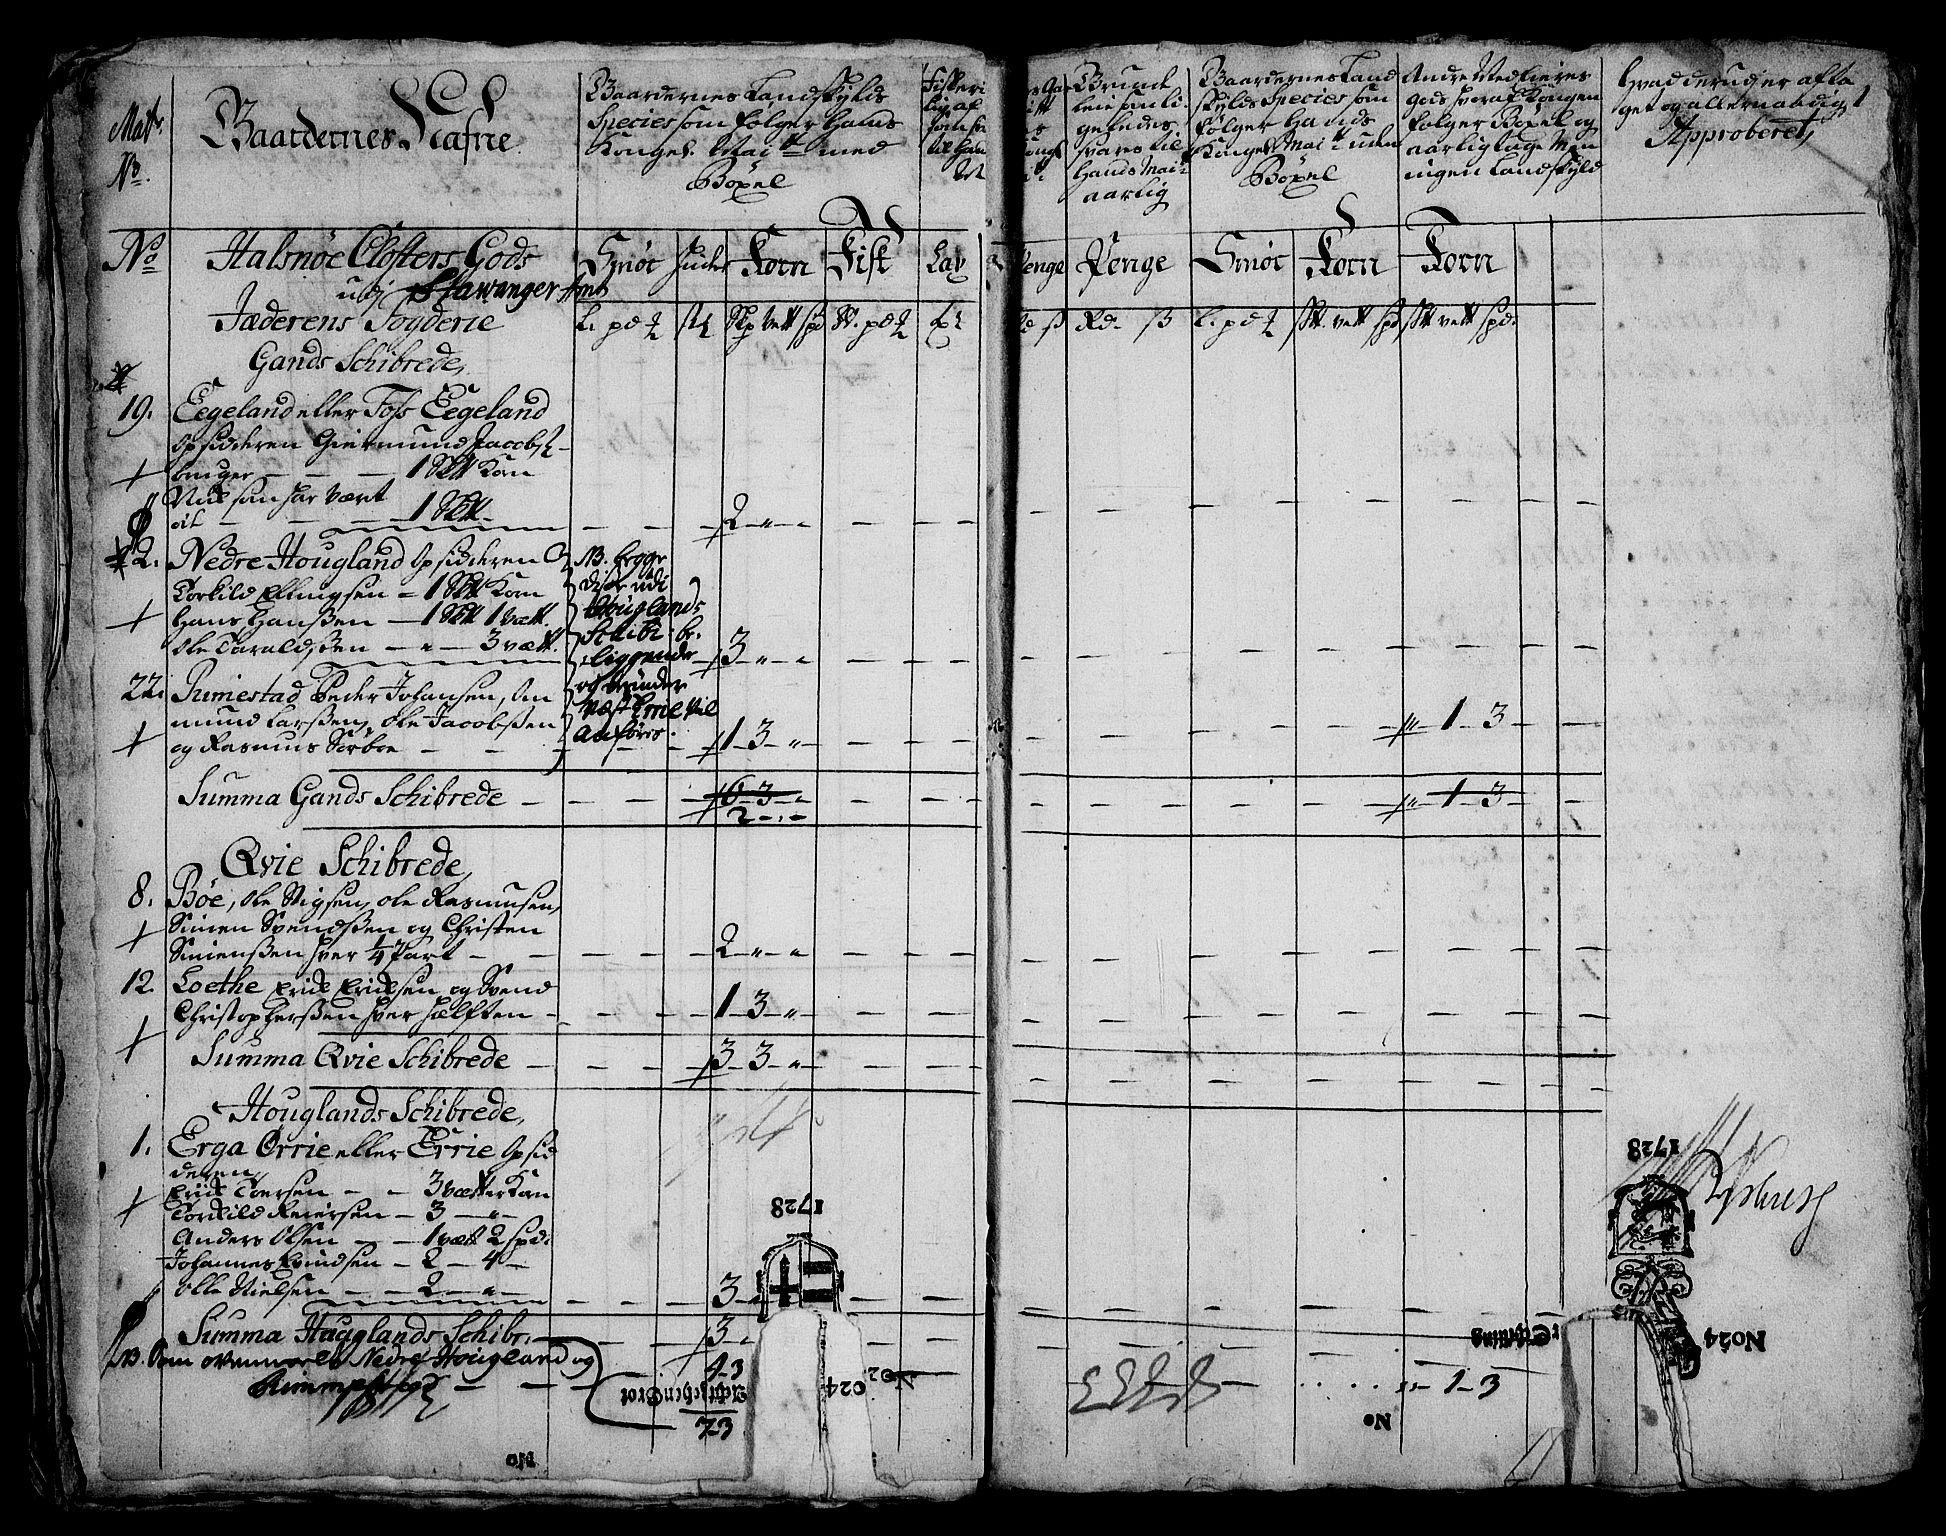 RA, Rentekammeret inntil 1814, Realistisk ordnet avdeling, On/L0003: [Jj 4]: Kommisjonsforretning over Vilhelm Hanssøns forpaktning av Halsnøy klosters gods, 1721-1729, s. 480